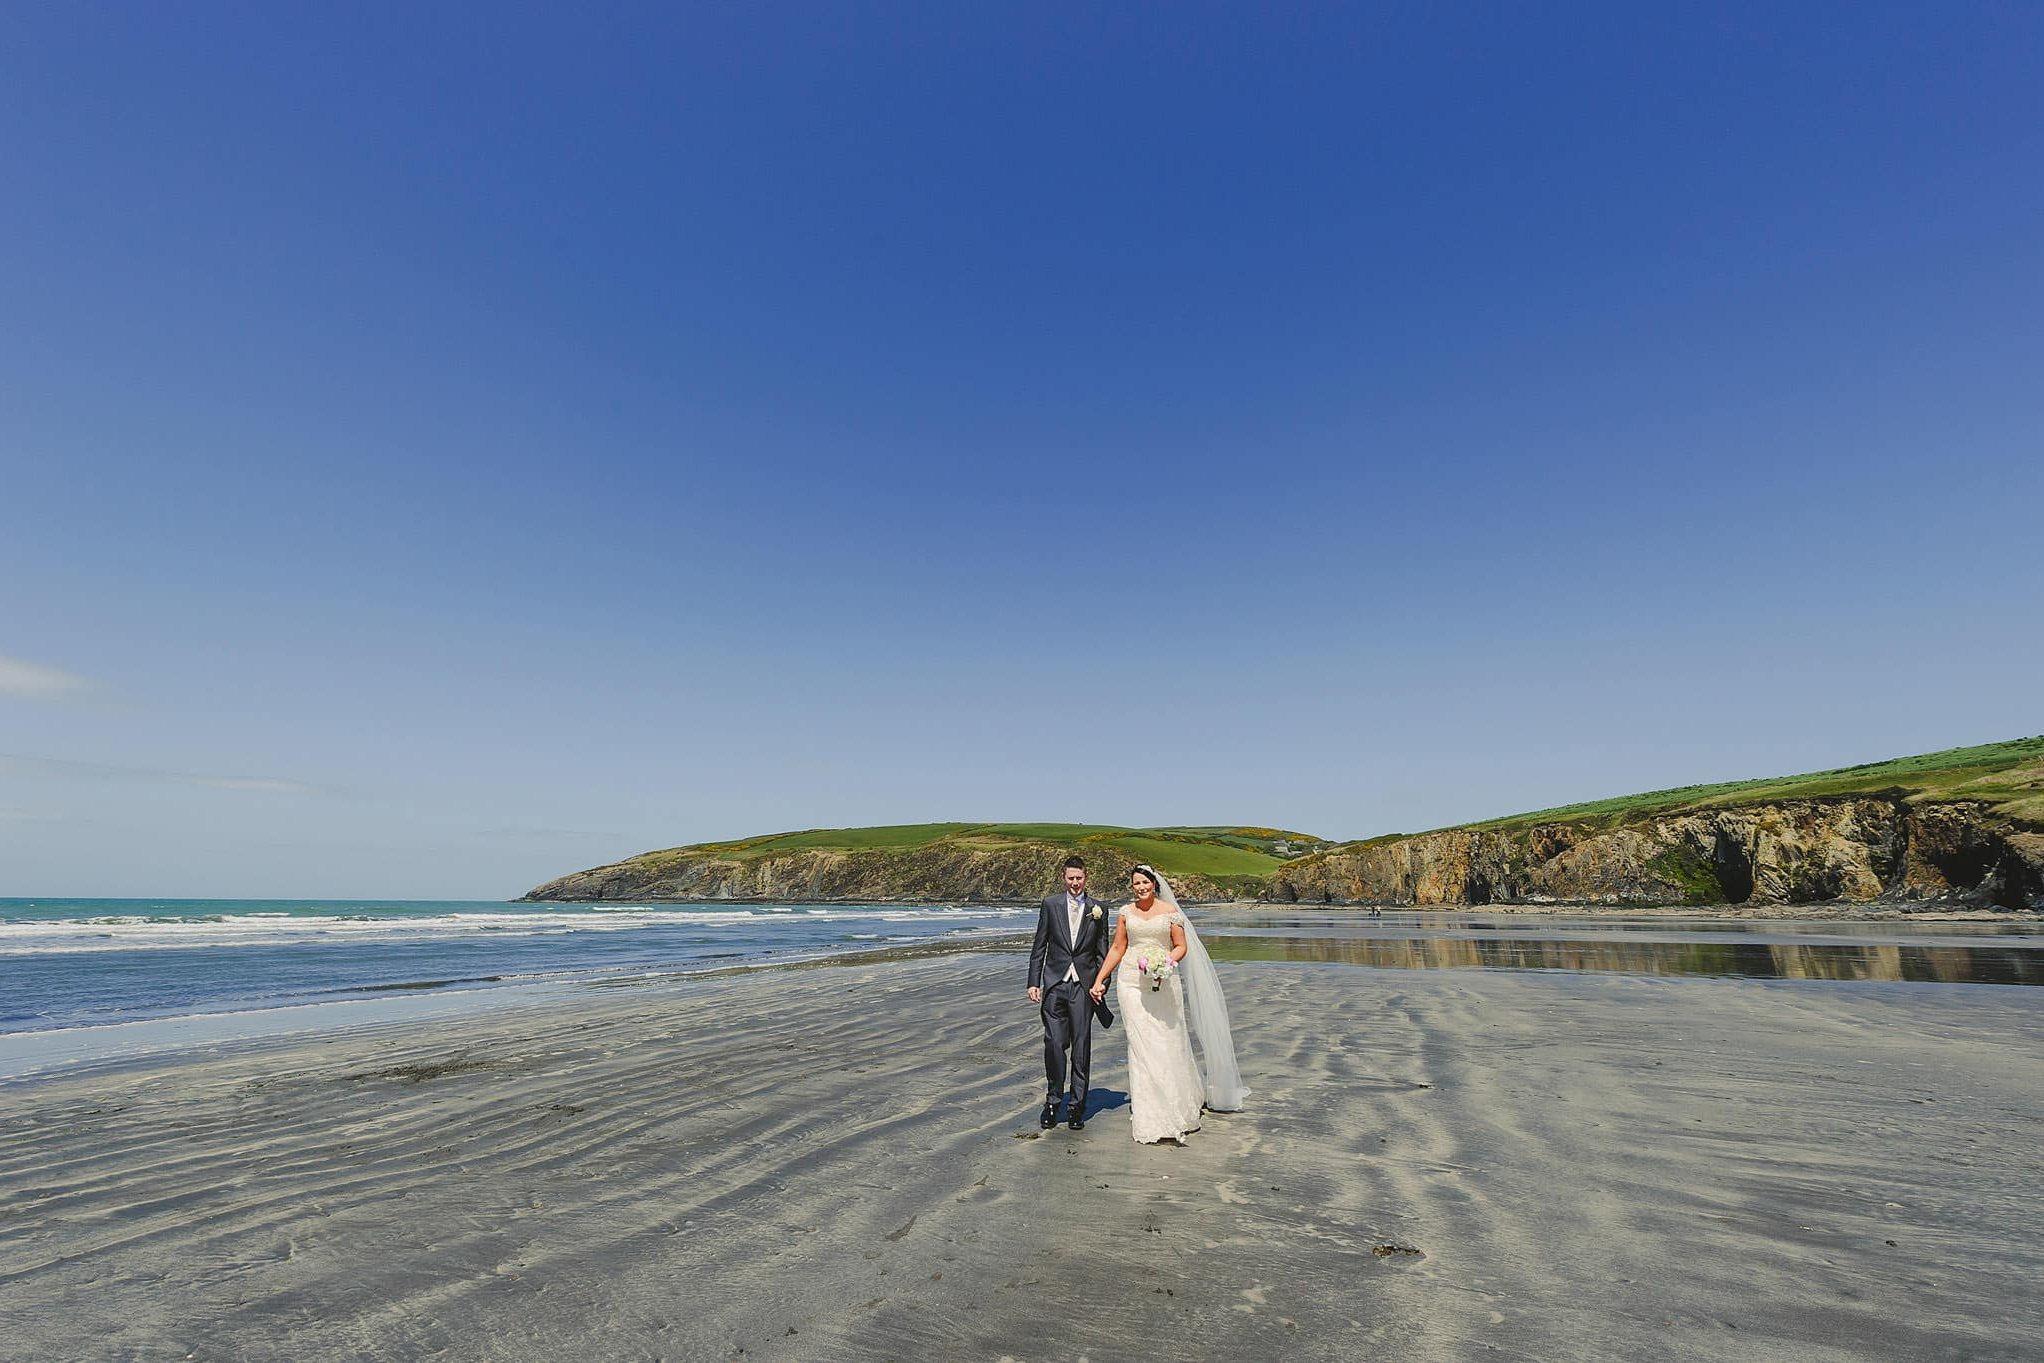 newport-sands-wedding-pembrokeshire